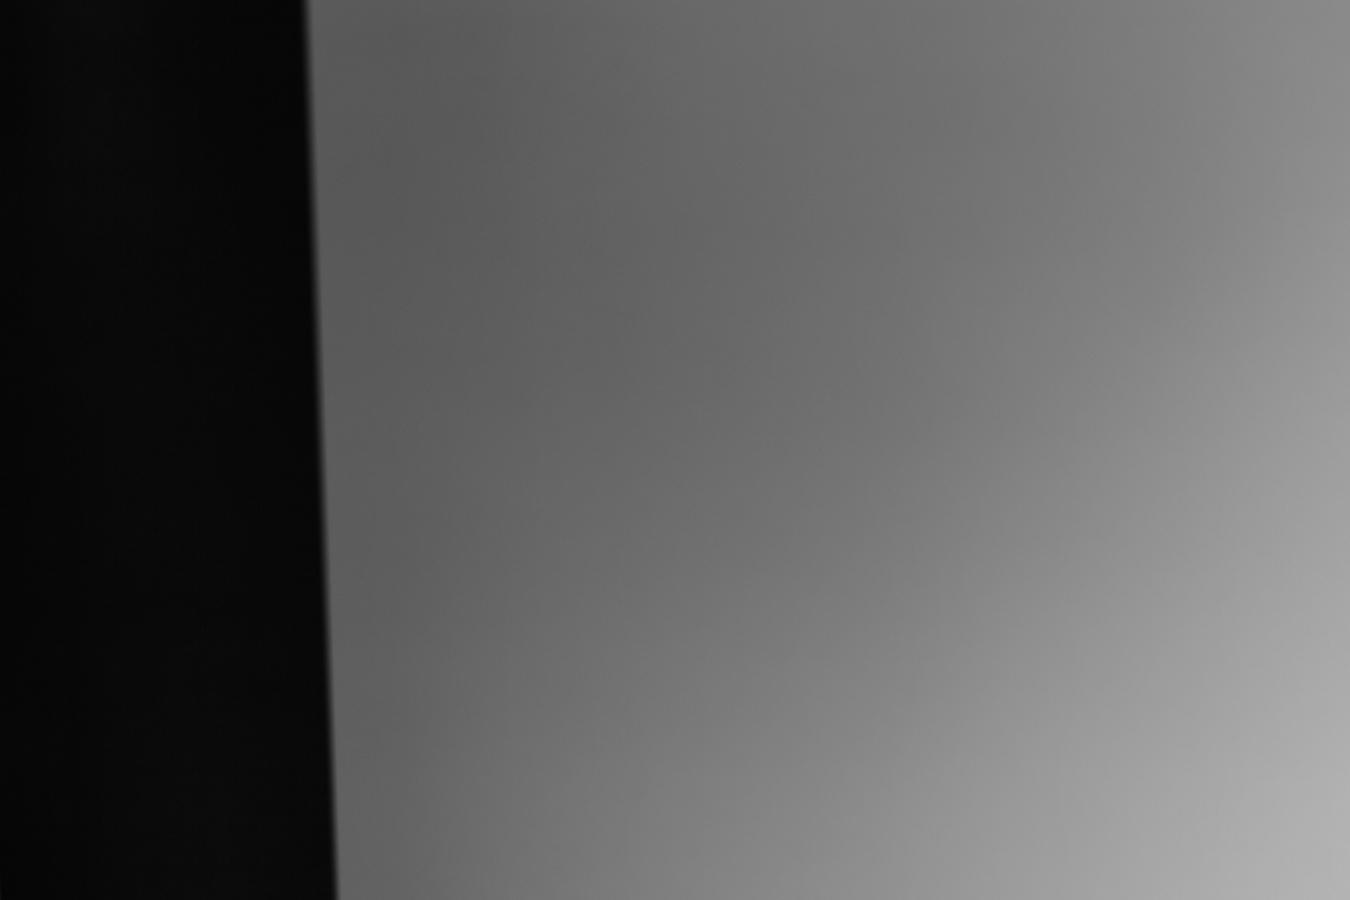 Fotografovaný obrazec obsahuje 25 procent černé a 75 procent bílé barvy. Expozimetr ve fotoaparátu ale předpokládá, že je scéna průměrně šedá. Z tohoto důvodu scénu podexponuje a bílou barvu vyfotografuje jako šedou.jpg